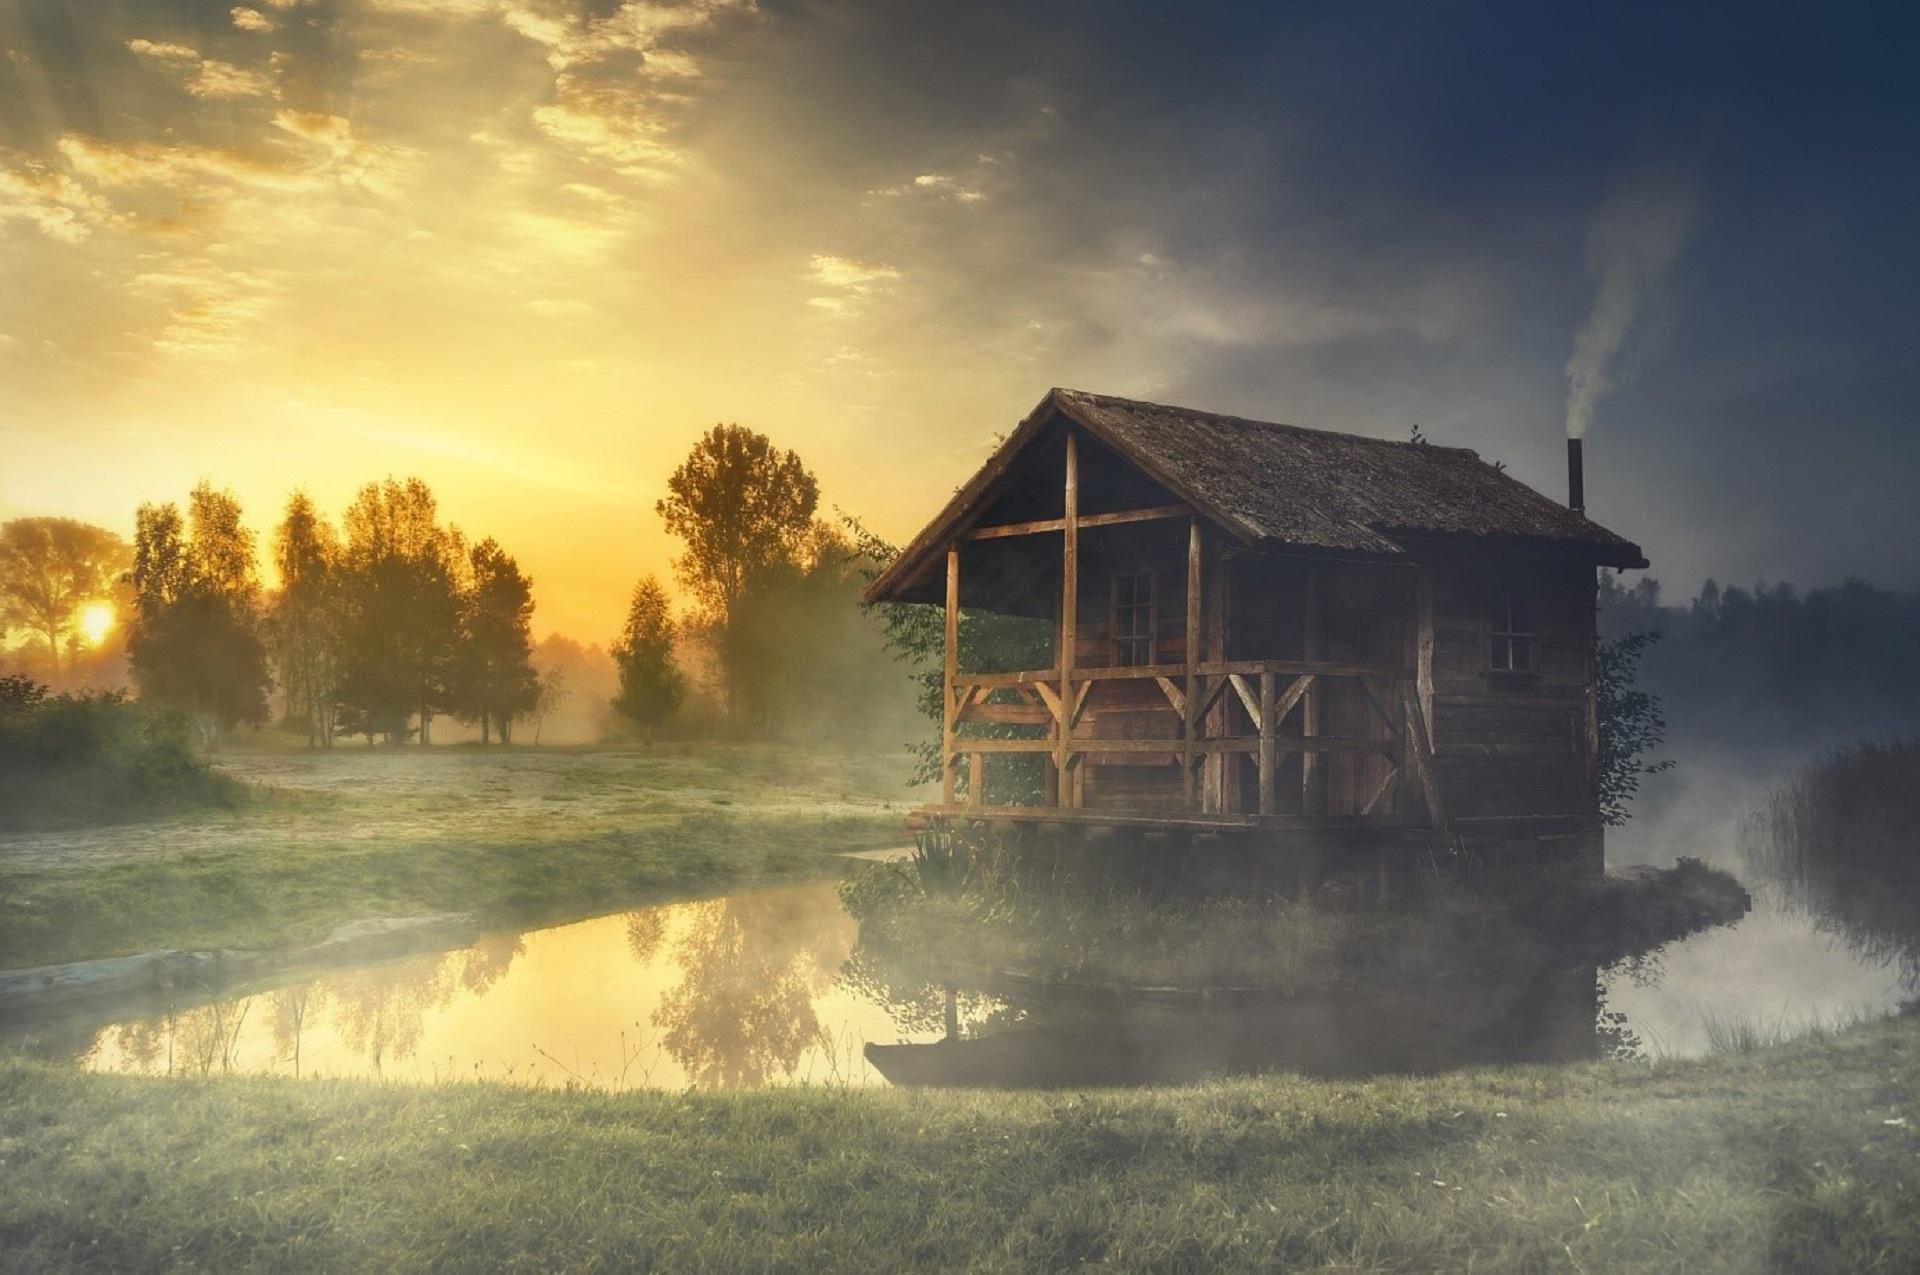 Místo rodinného domu chata, skončíme tímto tempem ve stanech?